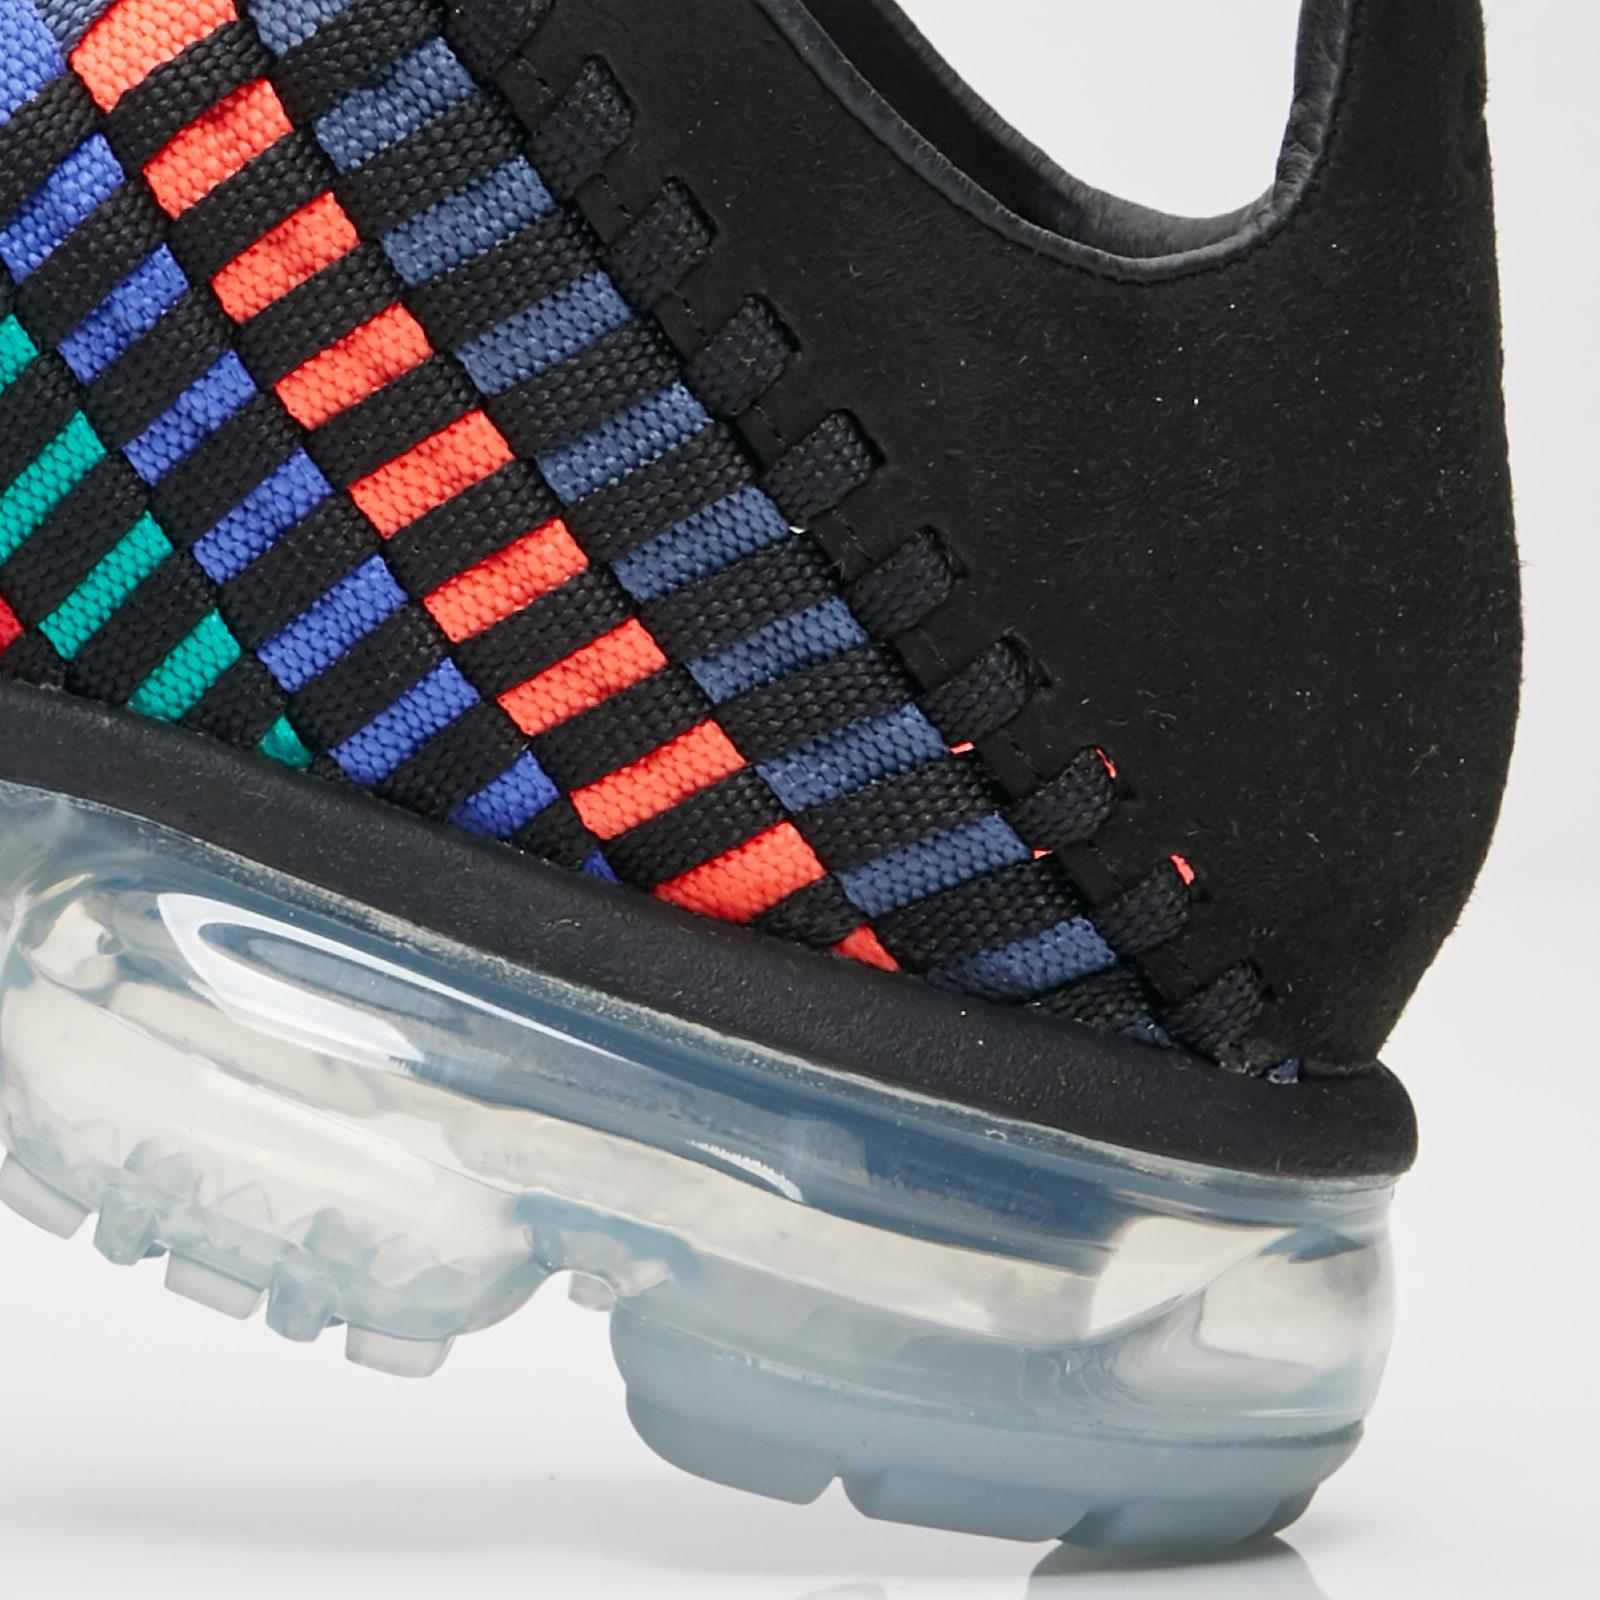 on sale 0d2de 4a13c ... Nike Running Air Vapormax Inneva